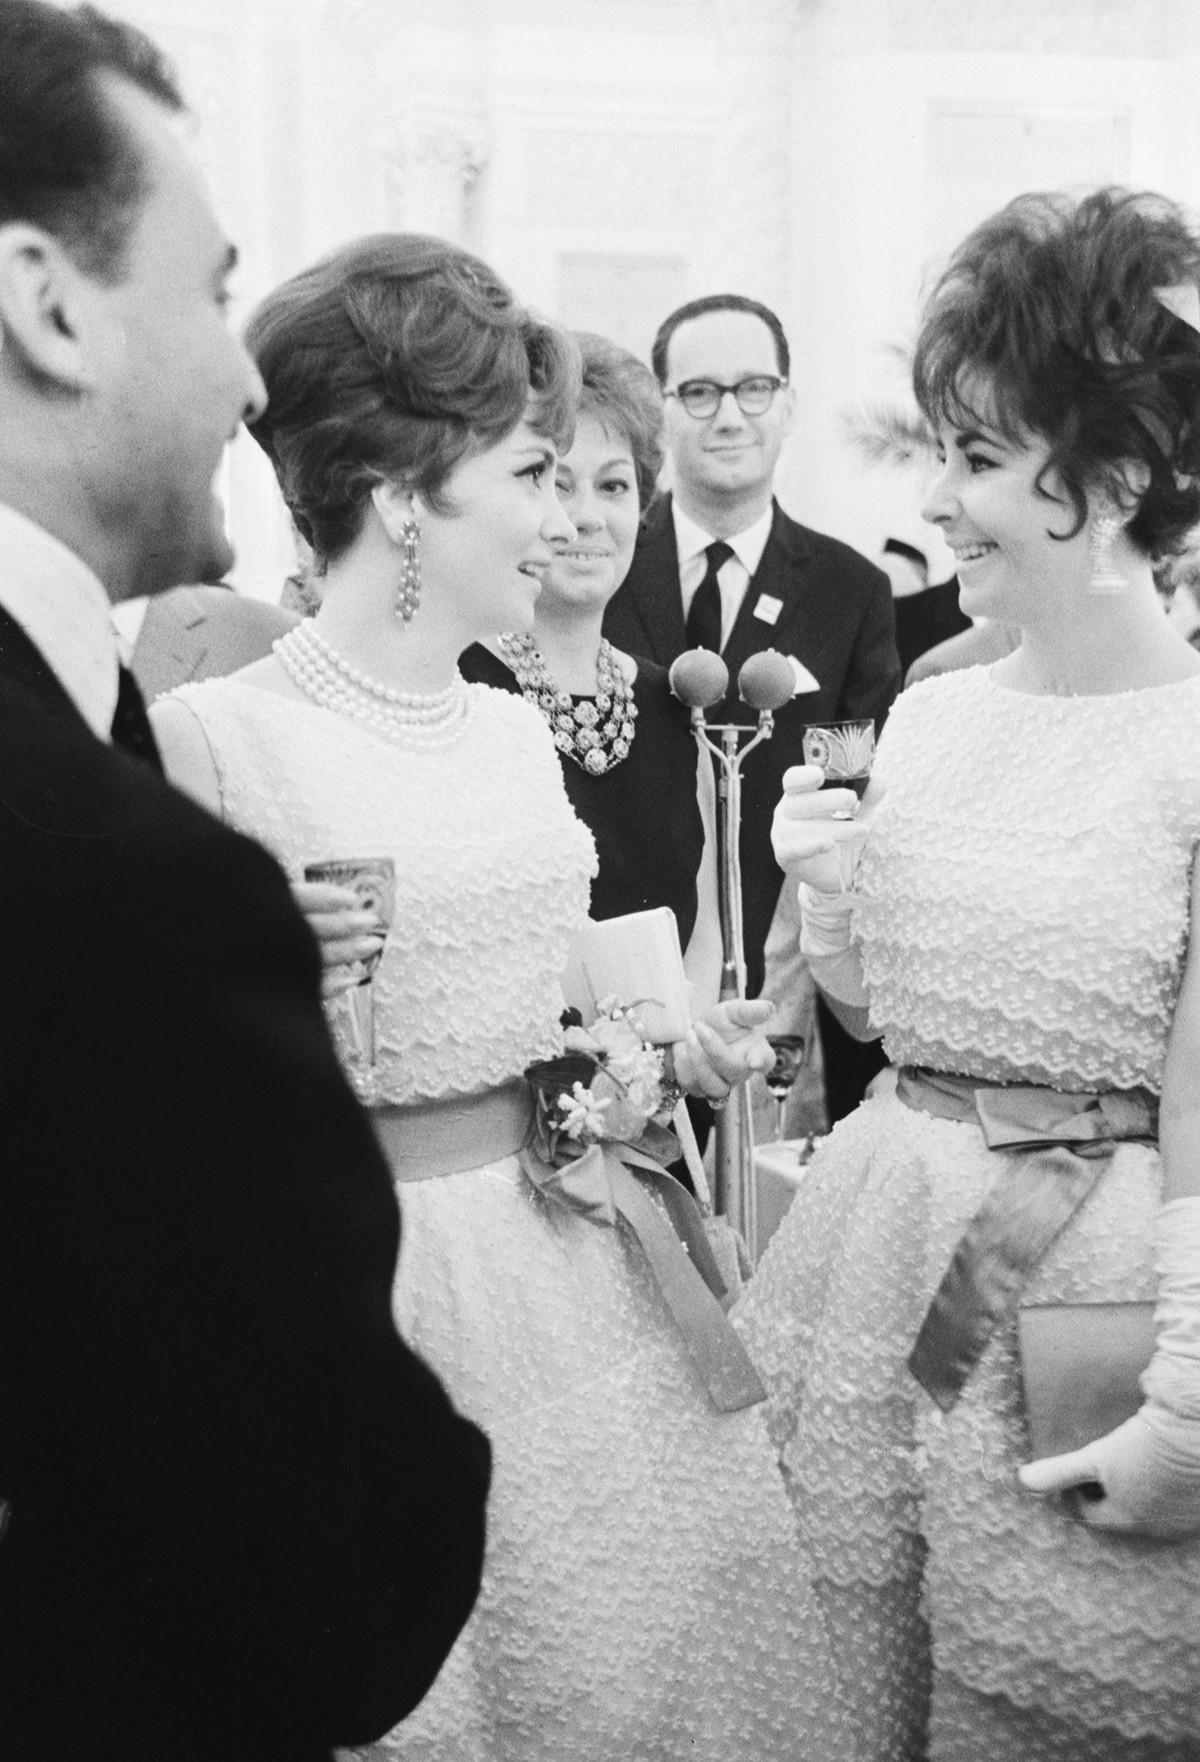 エリザベス・テイラーとジーナ・ロロブリジーダ、クレムリン大宮殿にて、1961年7月15日